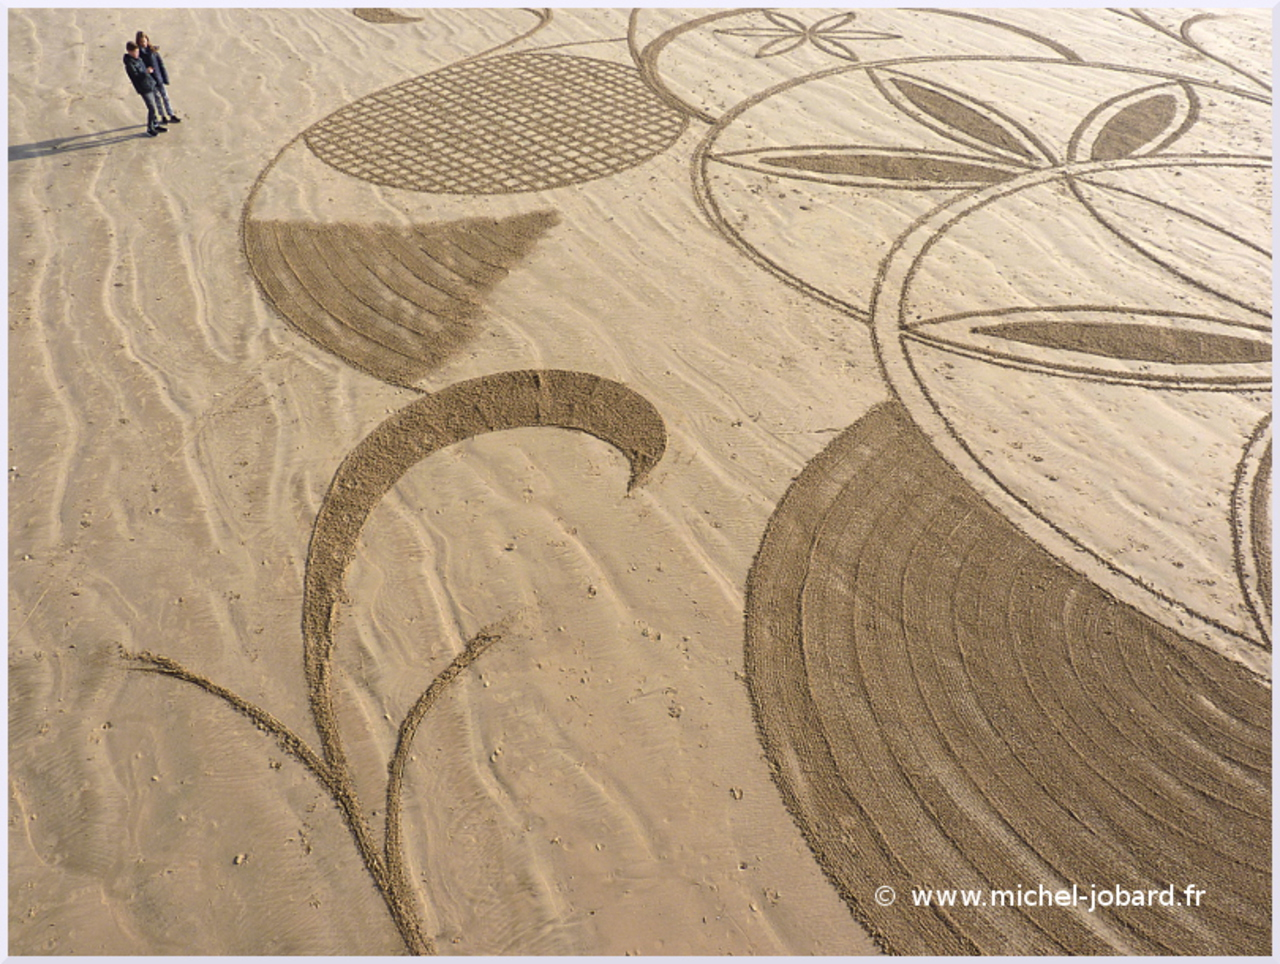 beach-art- zen -garden- 02